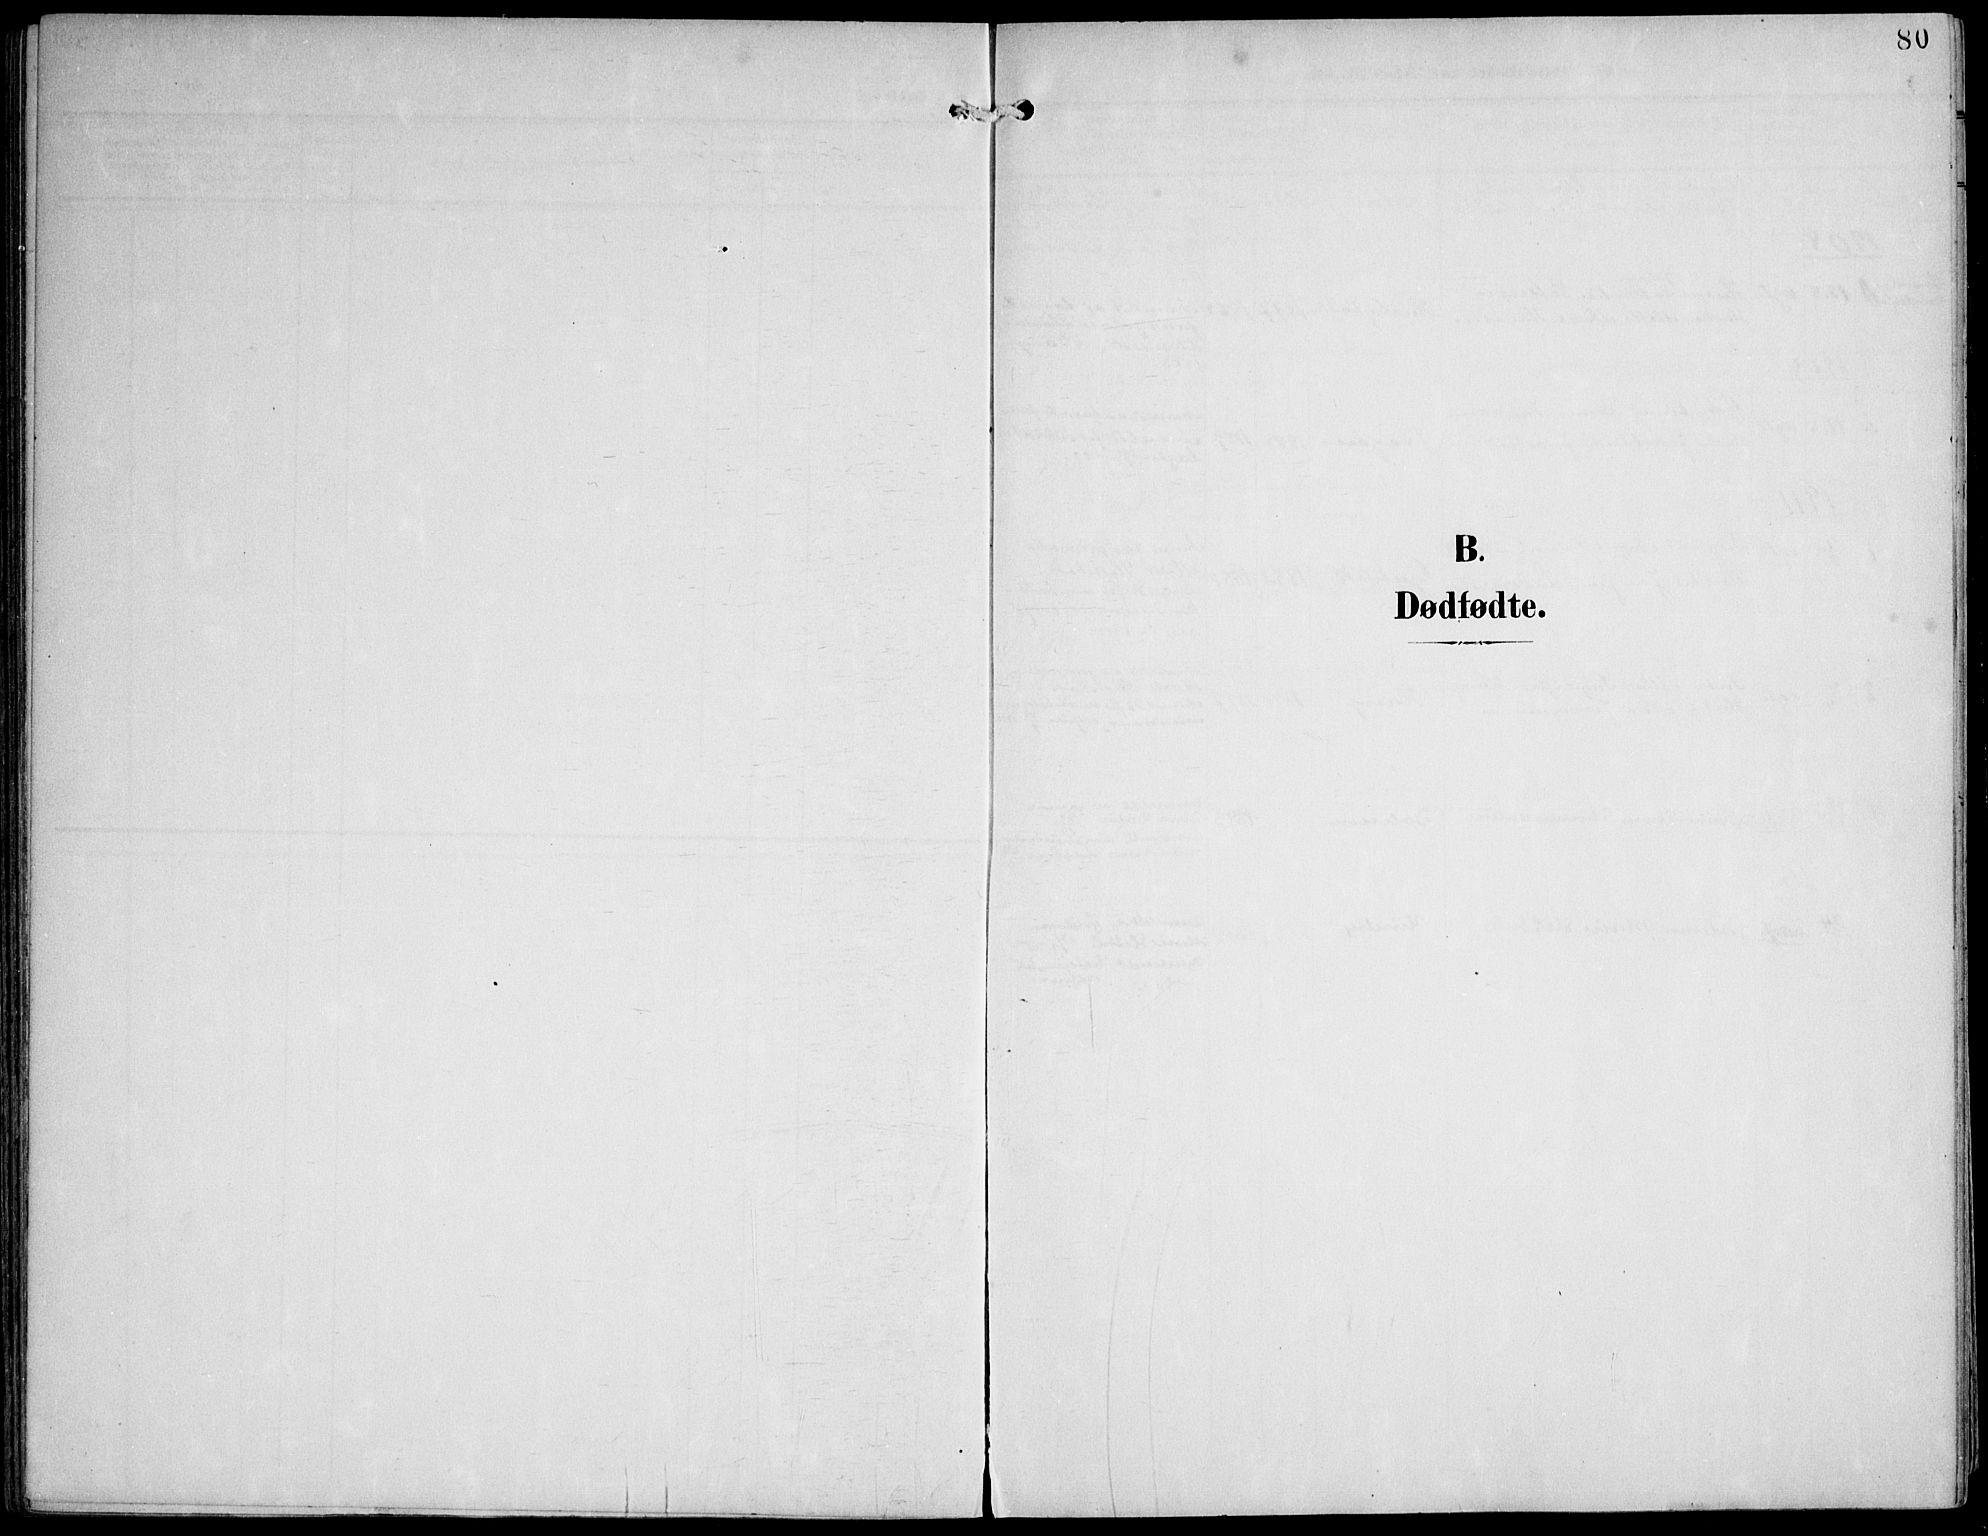 SAT, Ministerialprotokoller, klokkerbøker og fødselsregistre - Nord-Trøndelag, 788/L0698: Ministerialbok nr. 788A05, 1902-1921, s. 80